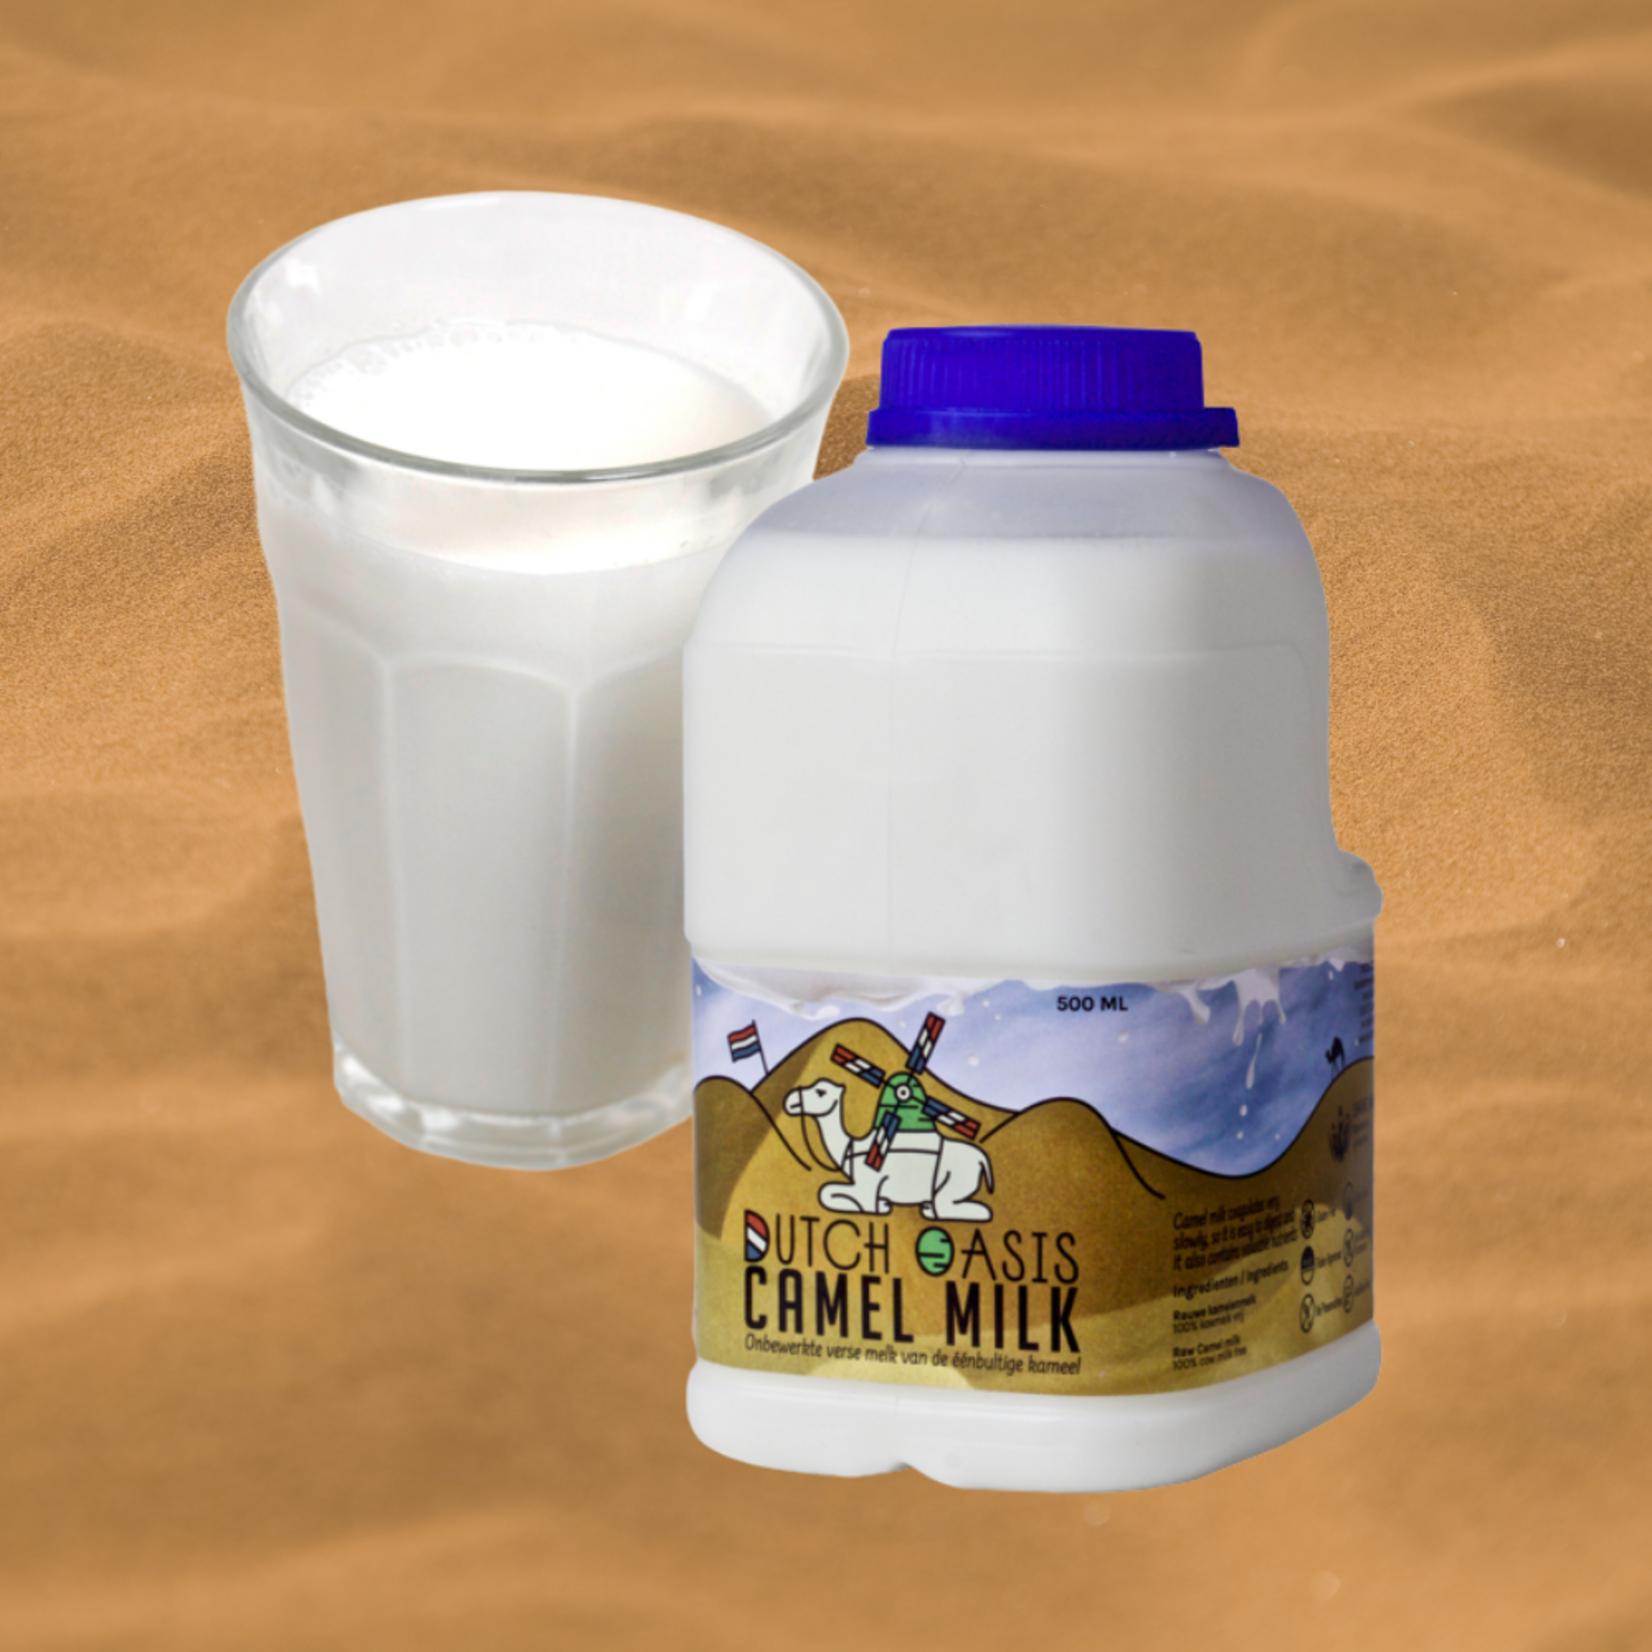 Dutch Oasis 14 flasche (á 500ml) Roh und Frische Kamelmilch